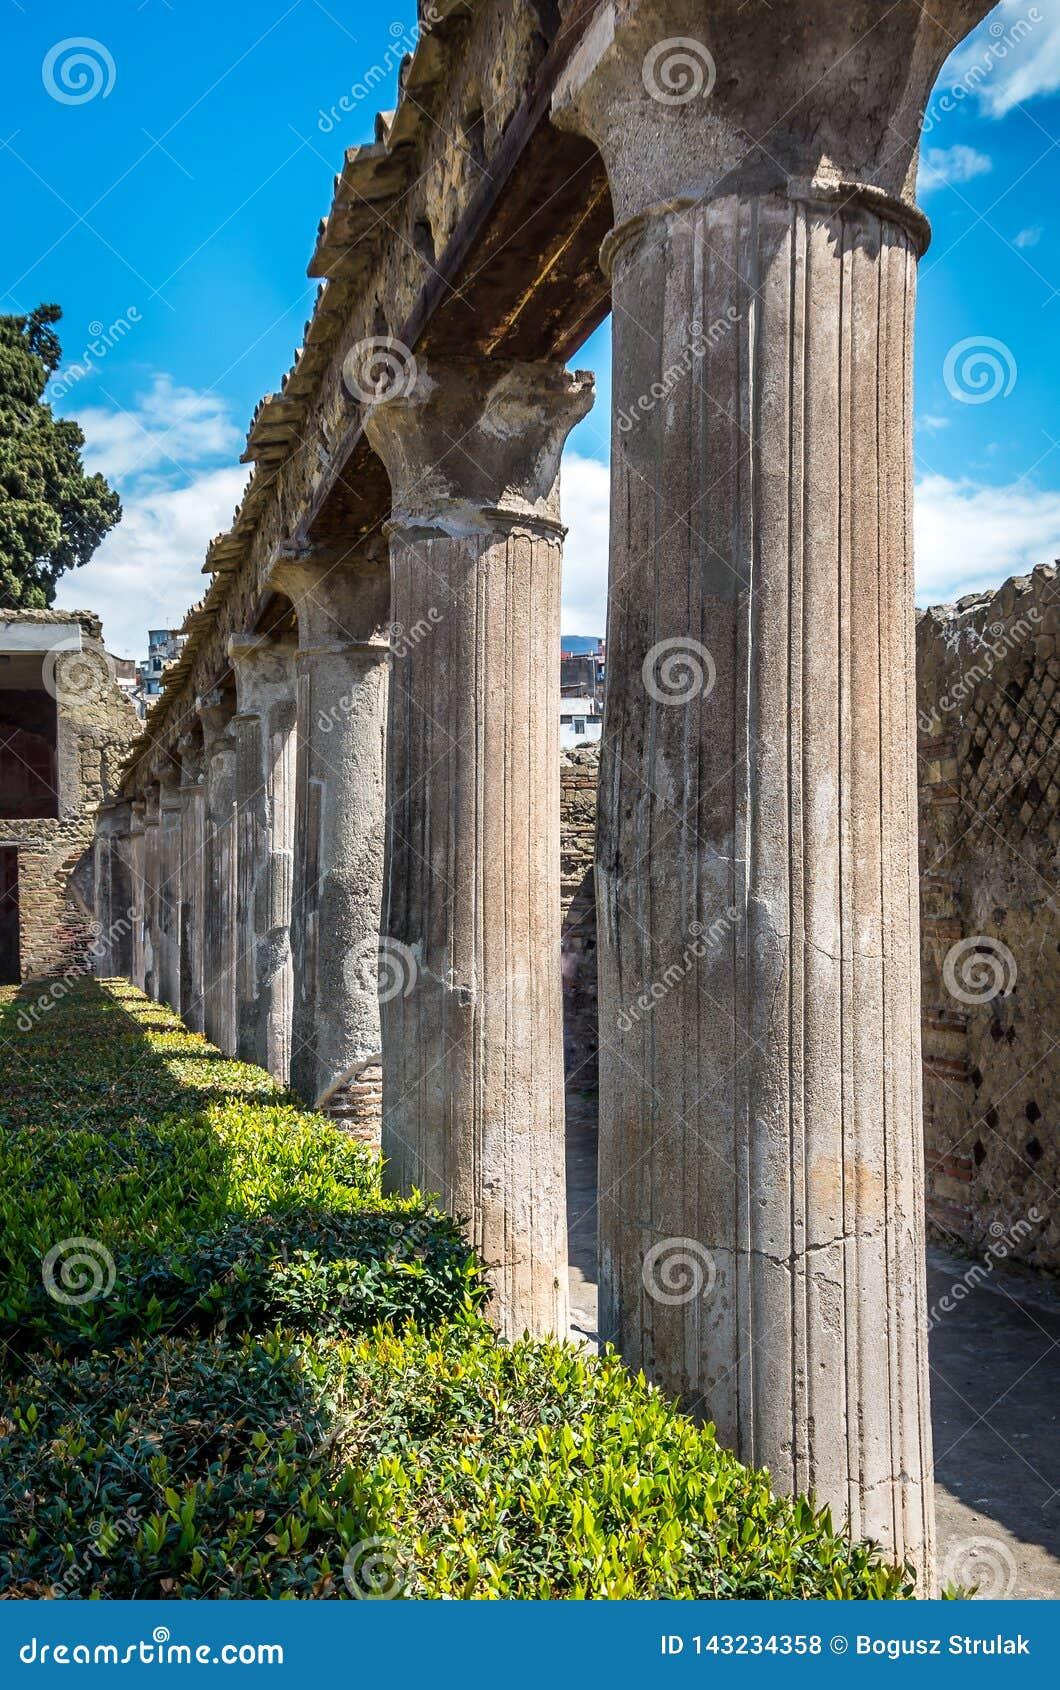 Spaltensäulen an den Ruinen von Herculanum, das durch vulkanischen Staub nach Vesuv-Eruption bedeckt wurde, Herculanum Italien